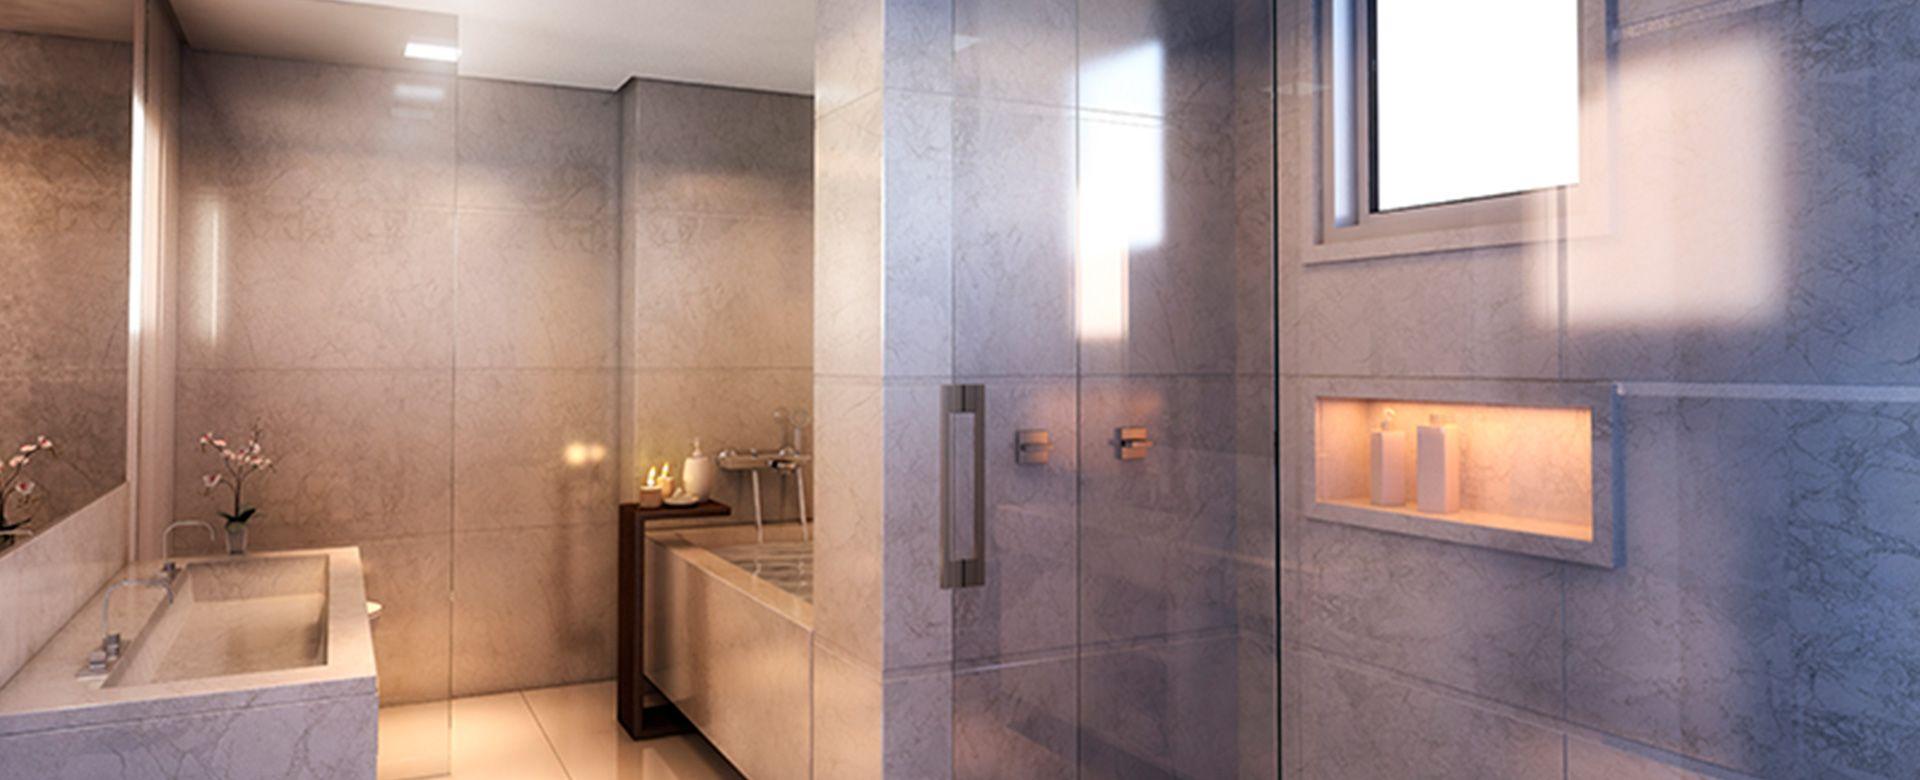 BANHO MASTER do apto de 202 m² com 2 amplas janelas, cuba dupla e banheira do 250 Pirapora